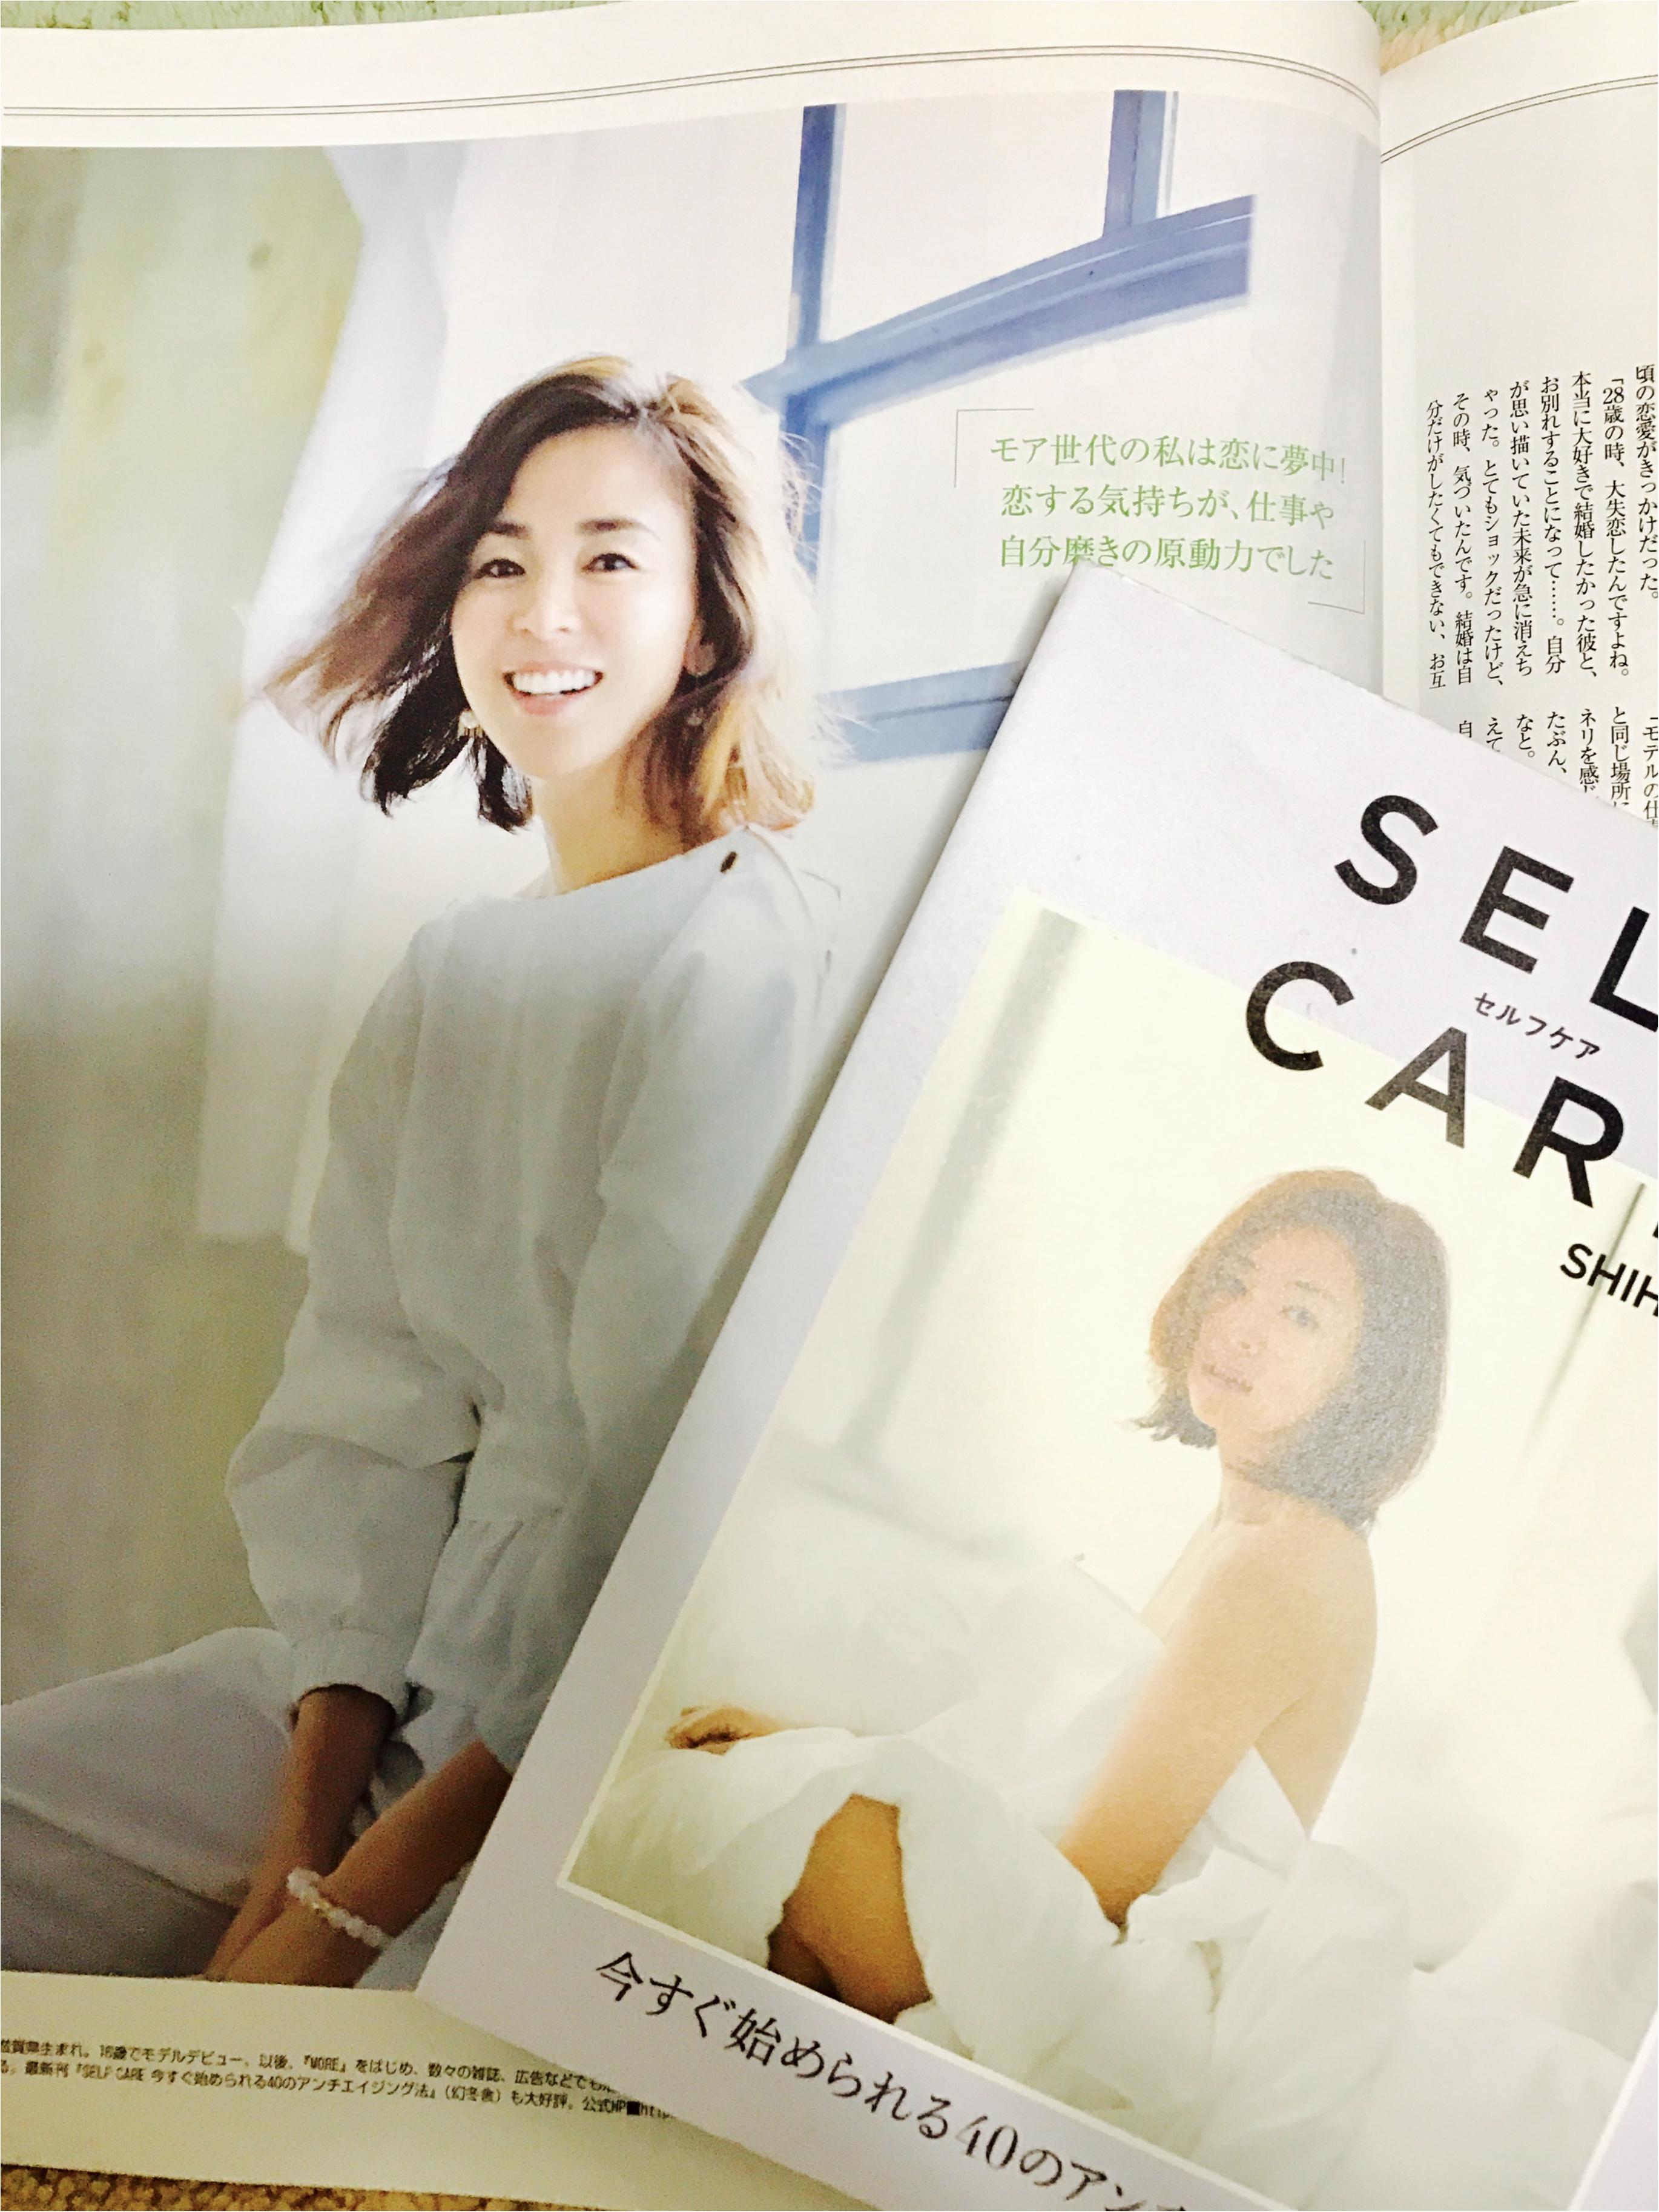 「28歳の大失恋が、SHIHOのモアモアハッピーな美と人生を作った!」MORE 3月号 インタビューのこと。。_1